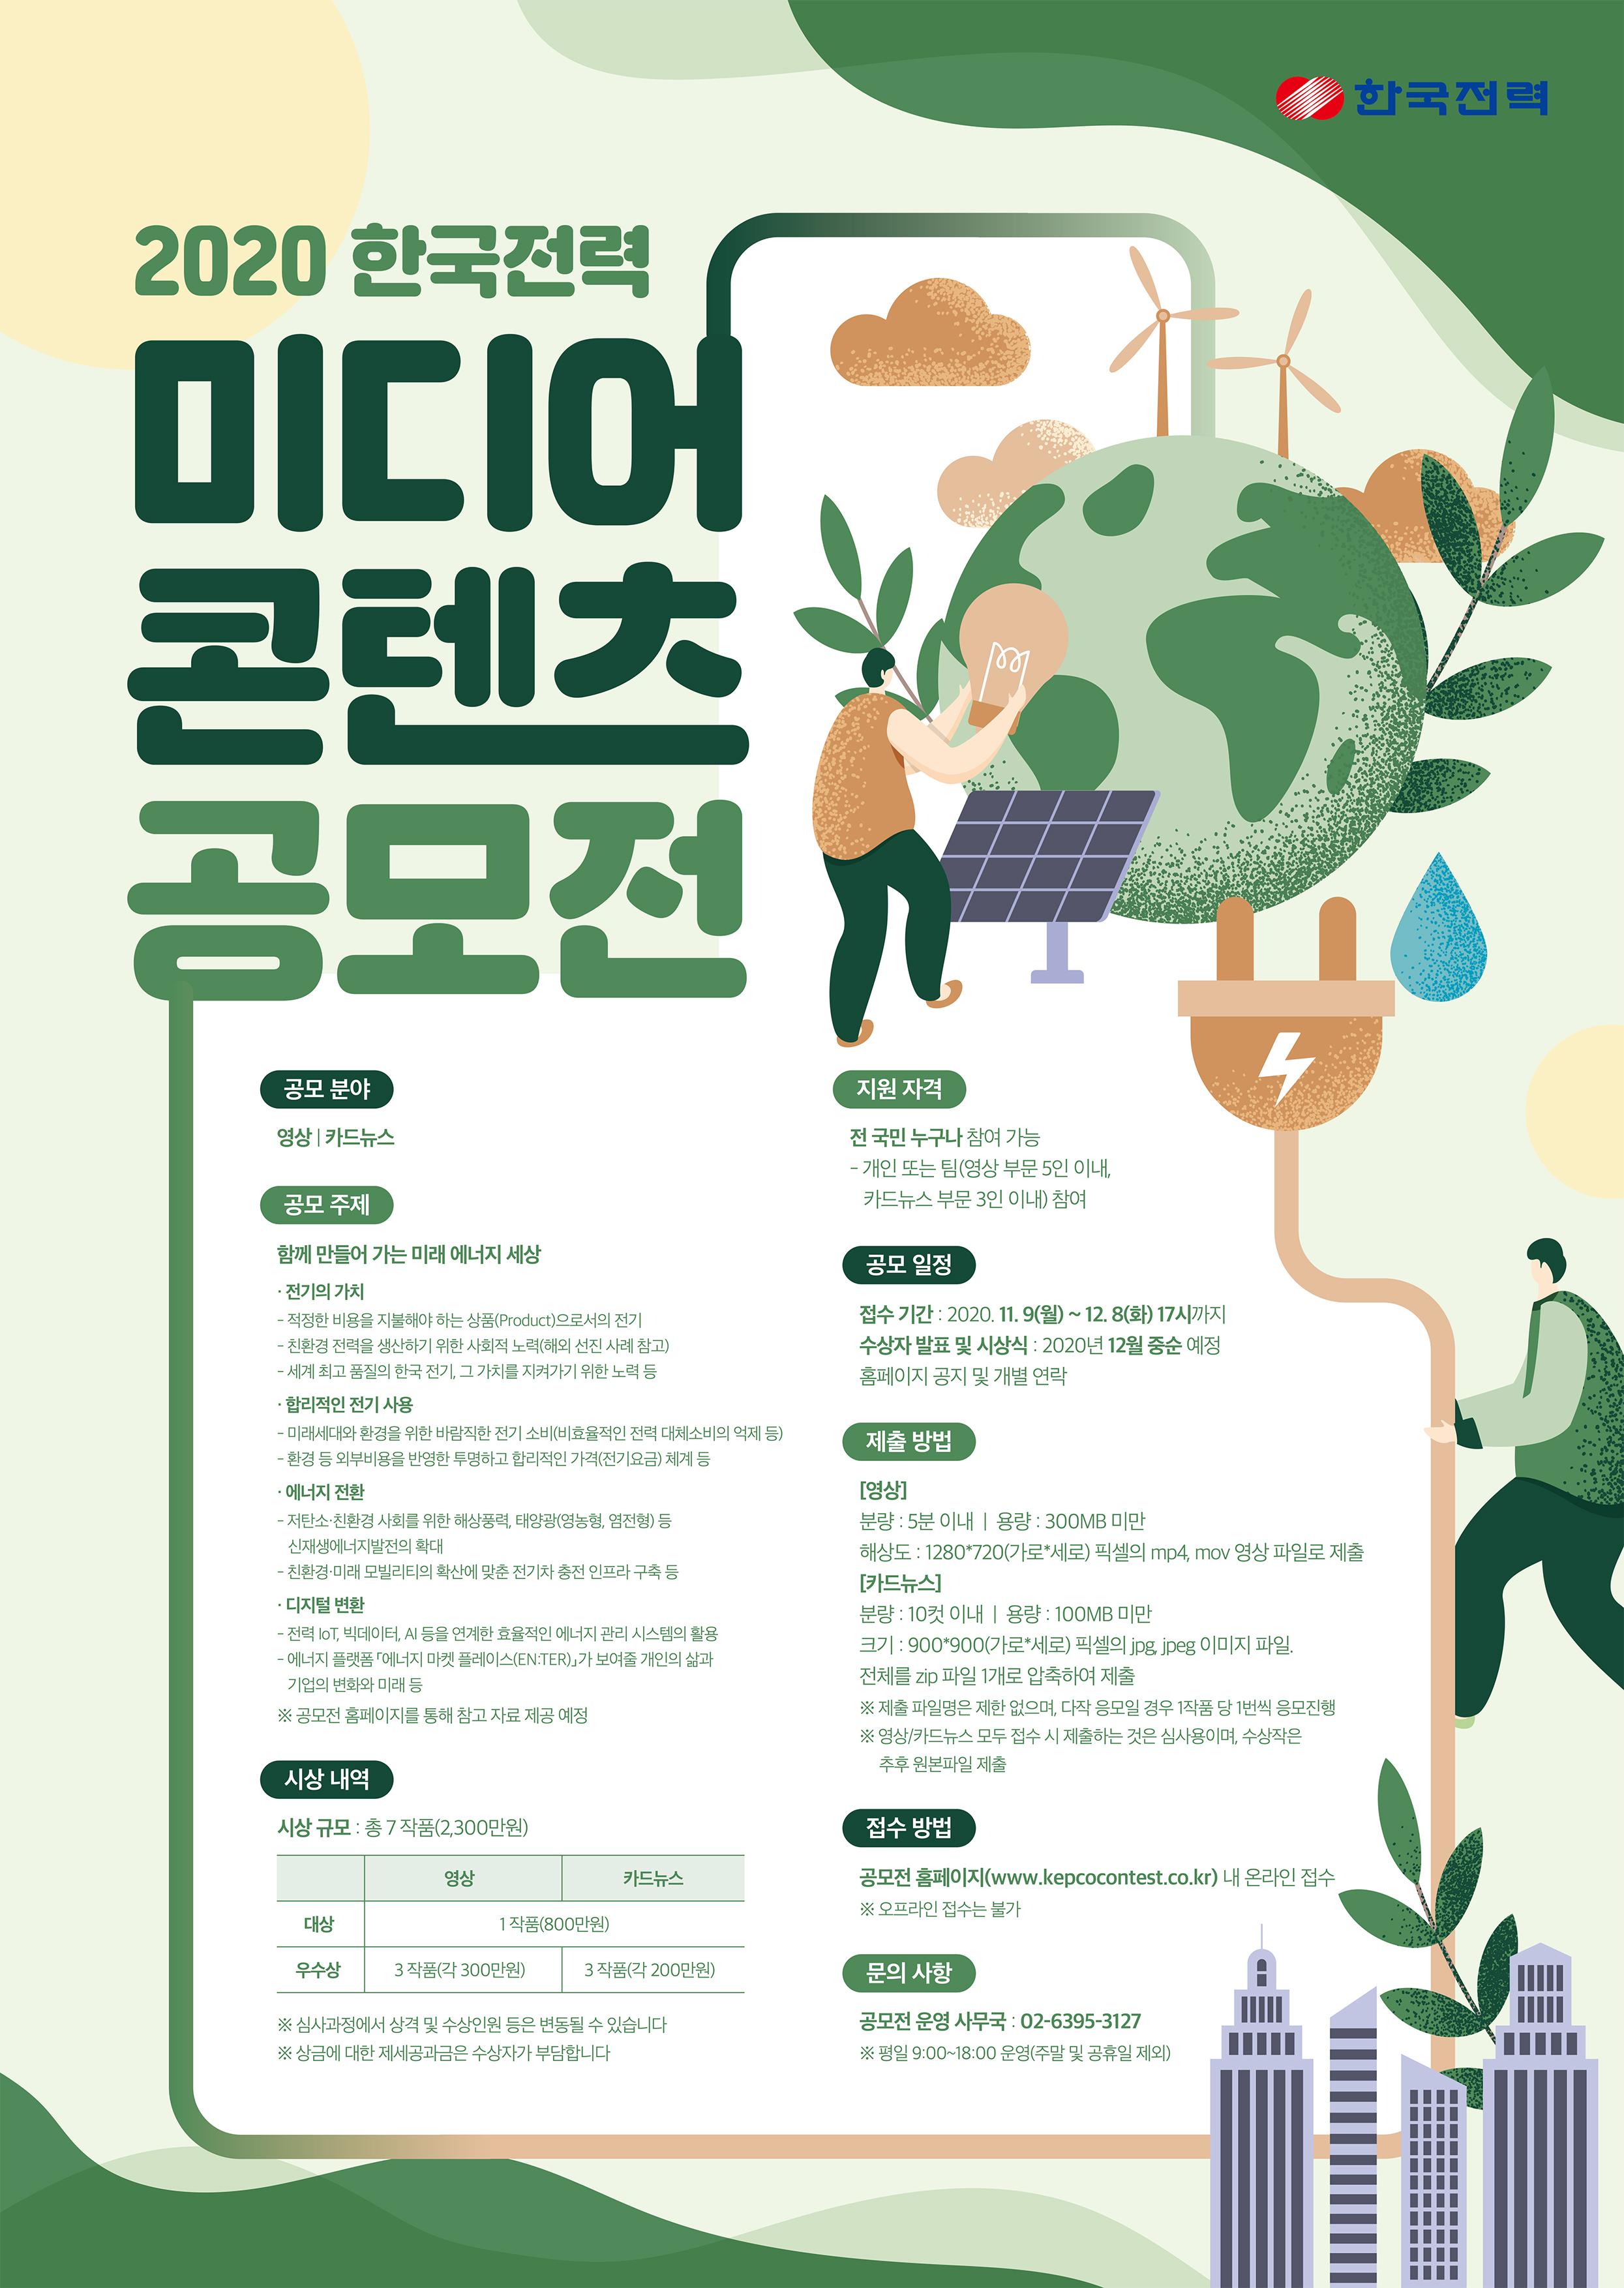 '한국전력 미디어 콘텐츠 공모전'